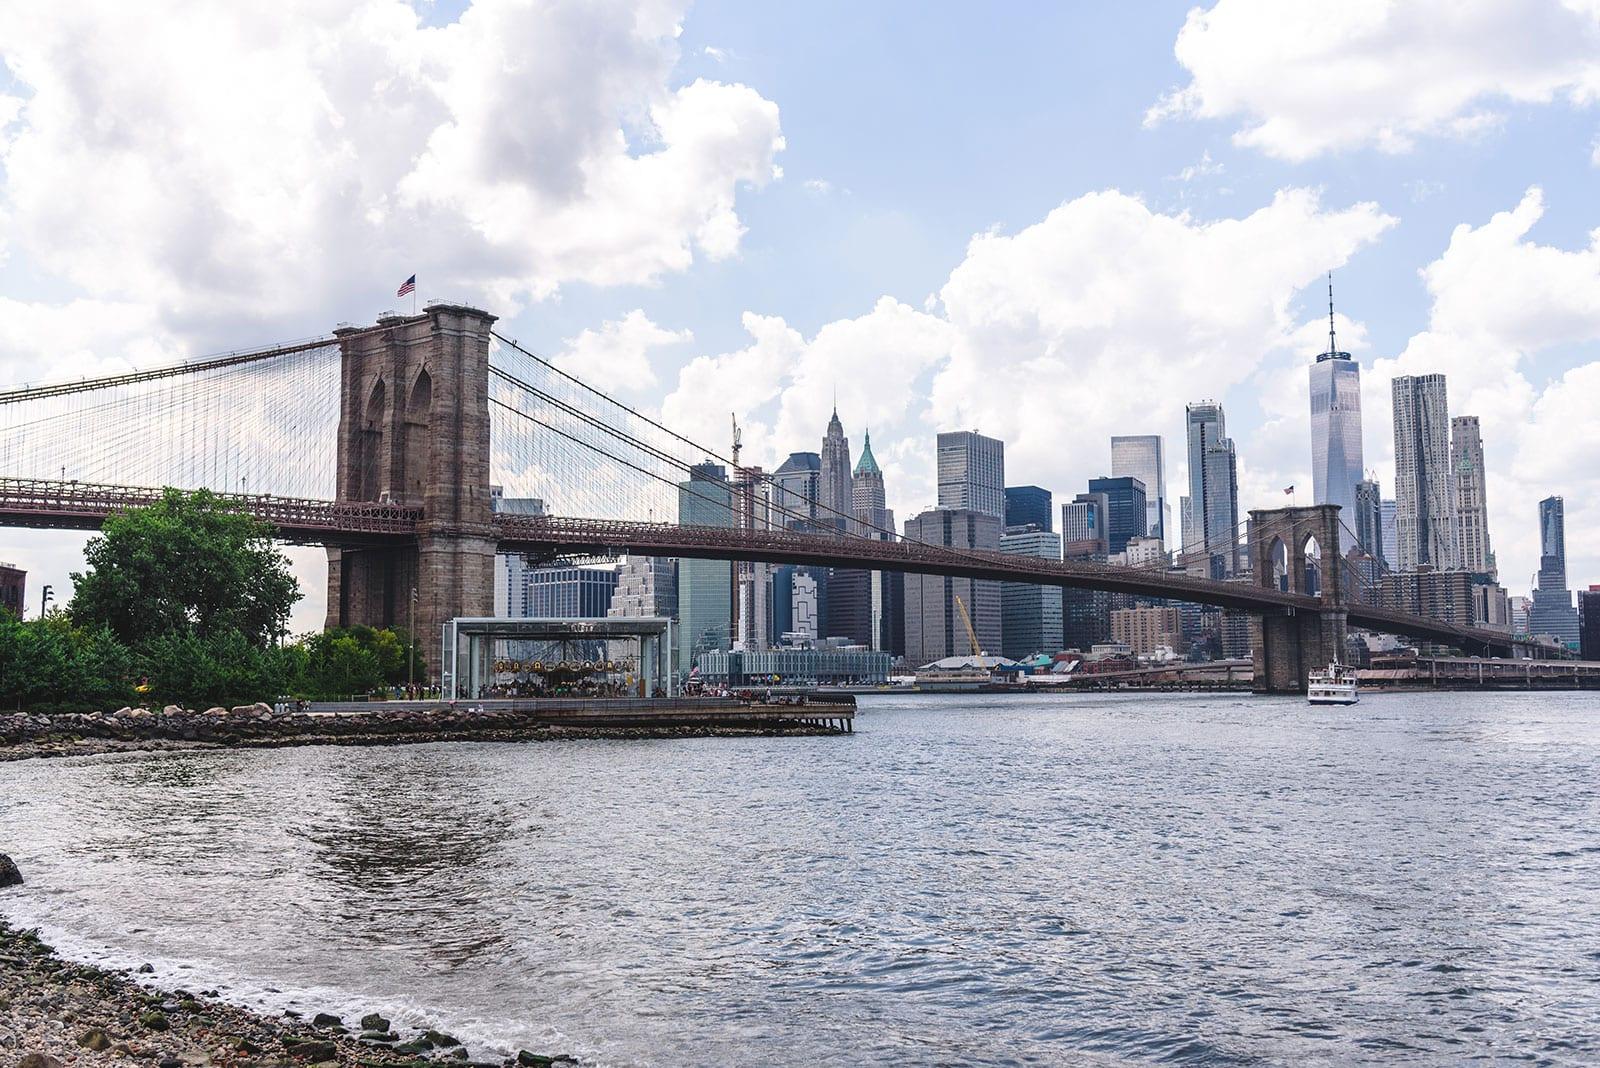 Die TOP 10 Sehenswürdigkeiten in New York 2018 inkl. Insider-Tipps